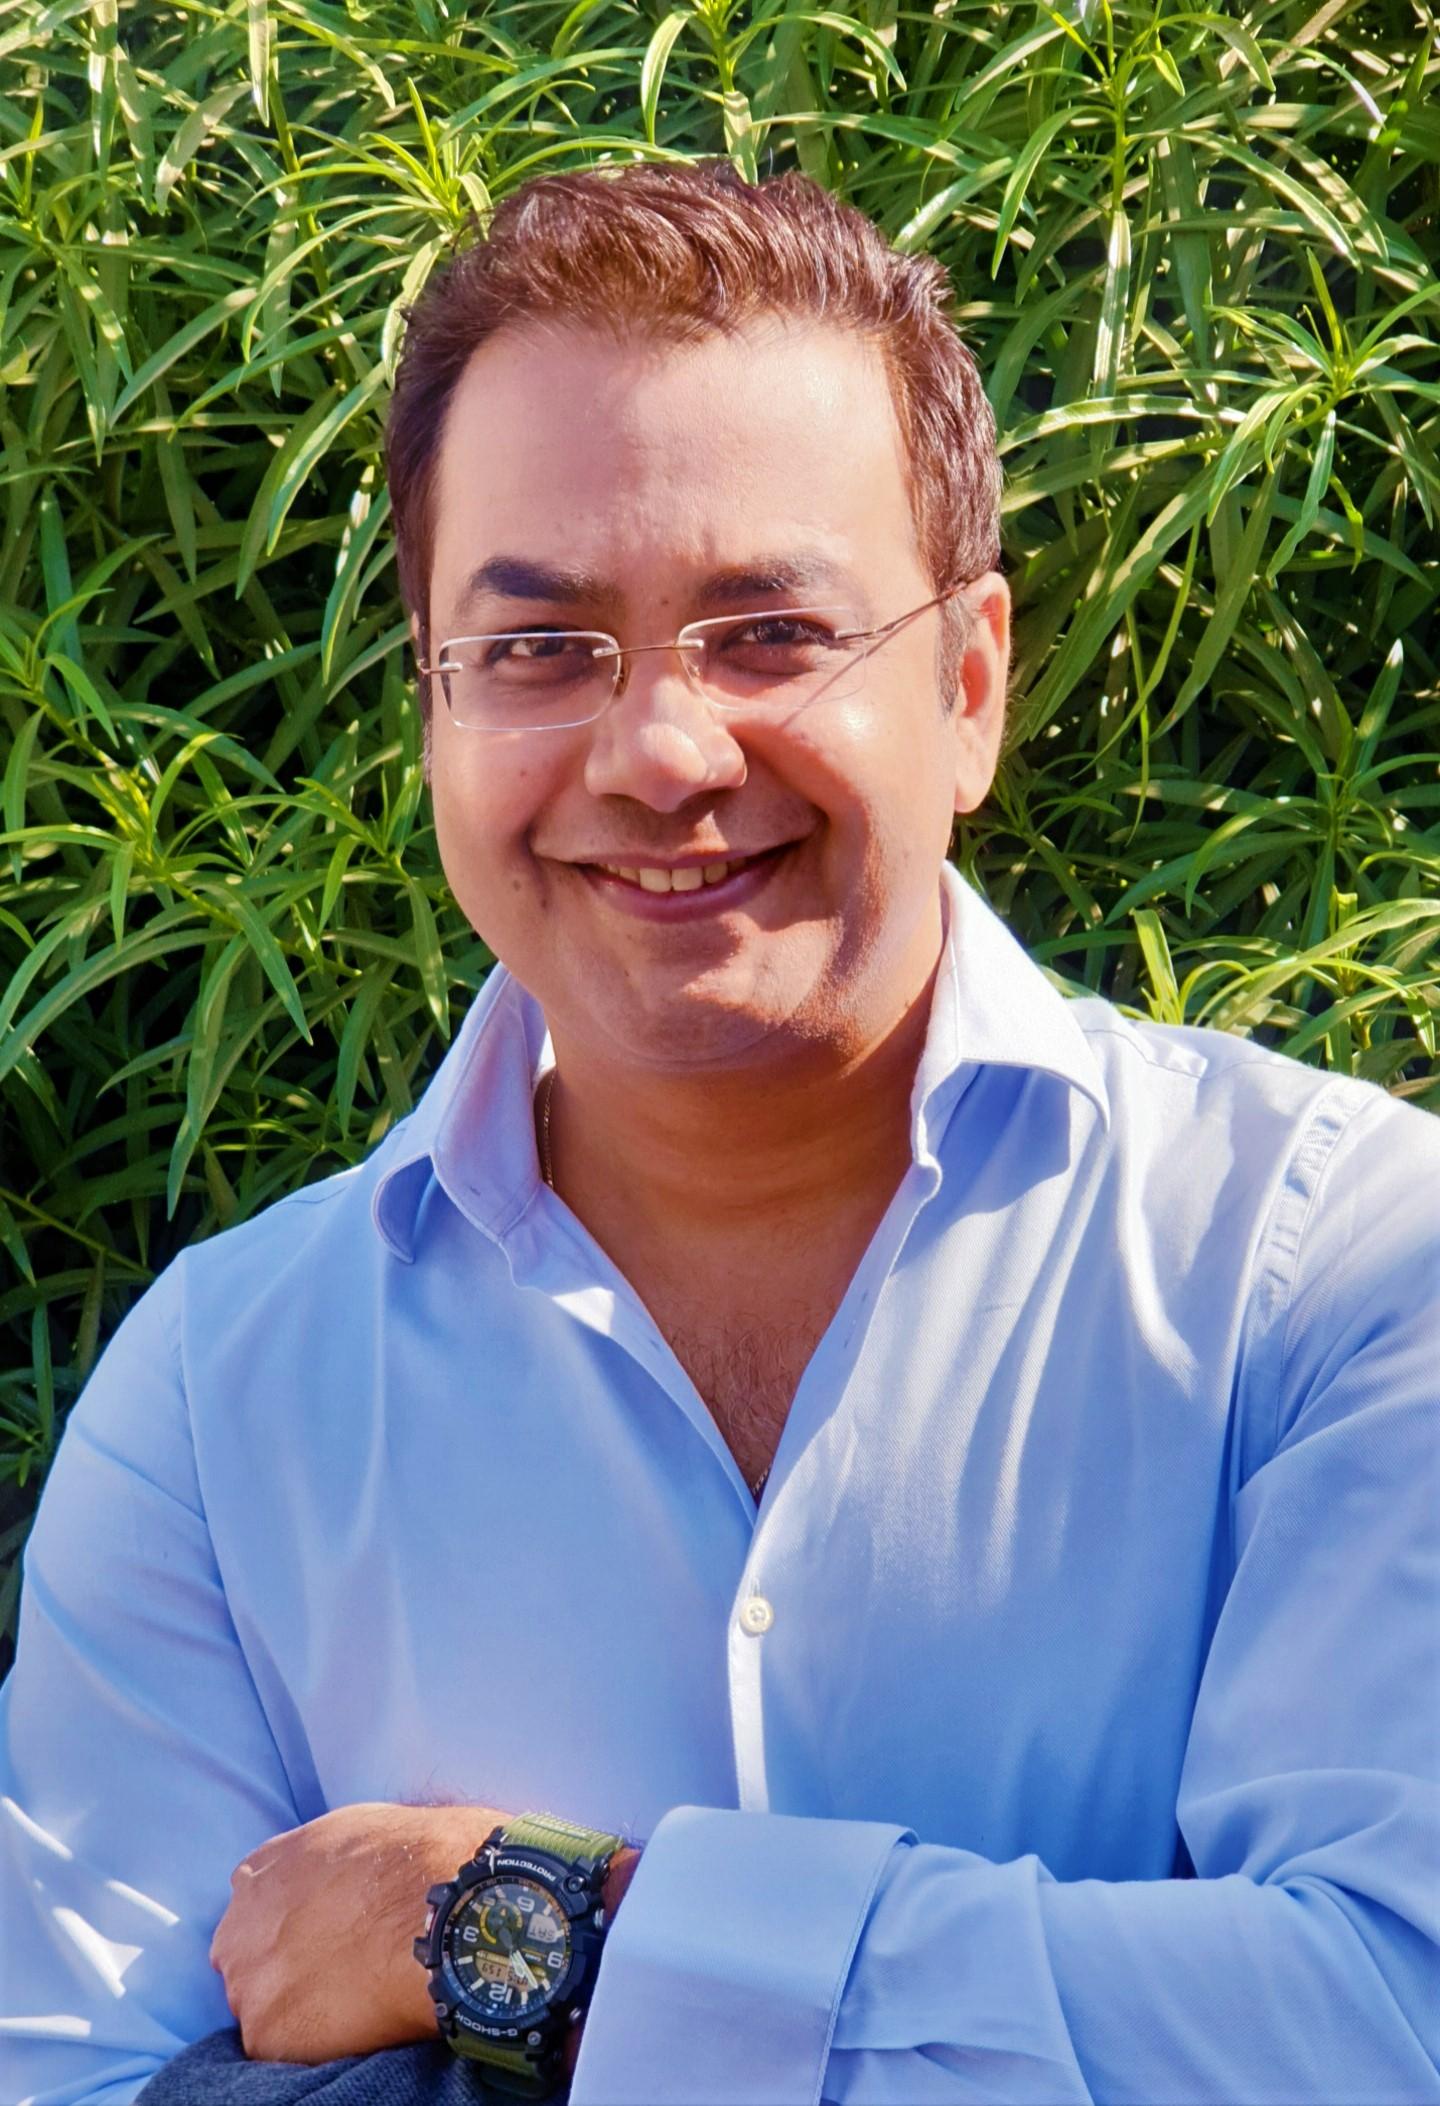 Sujit M Patil, ABC